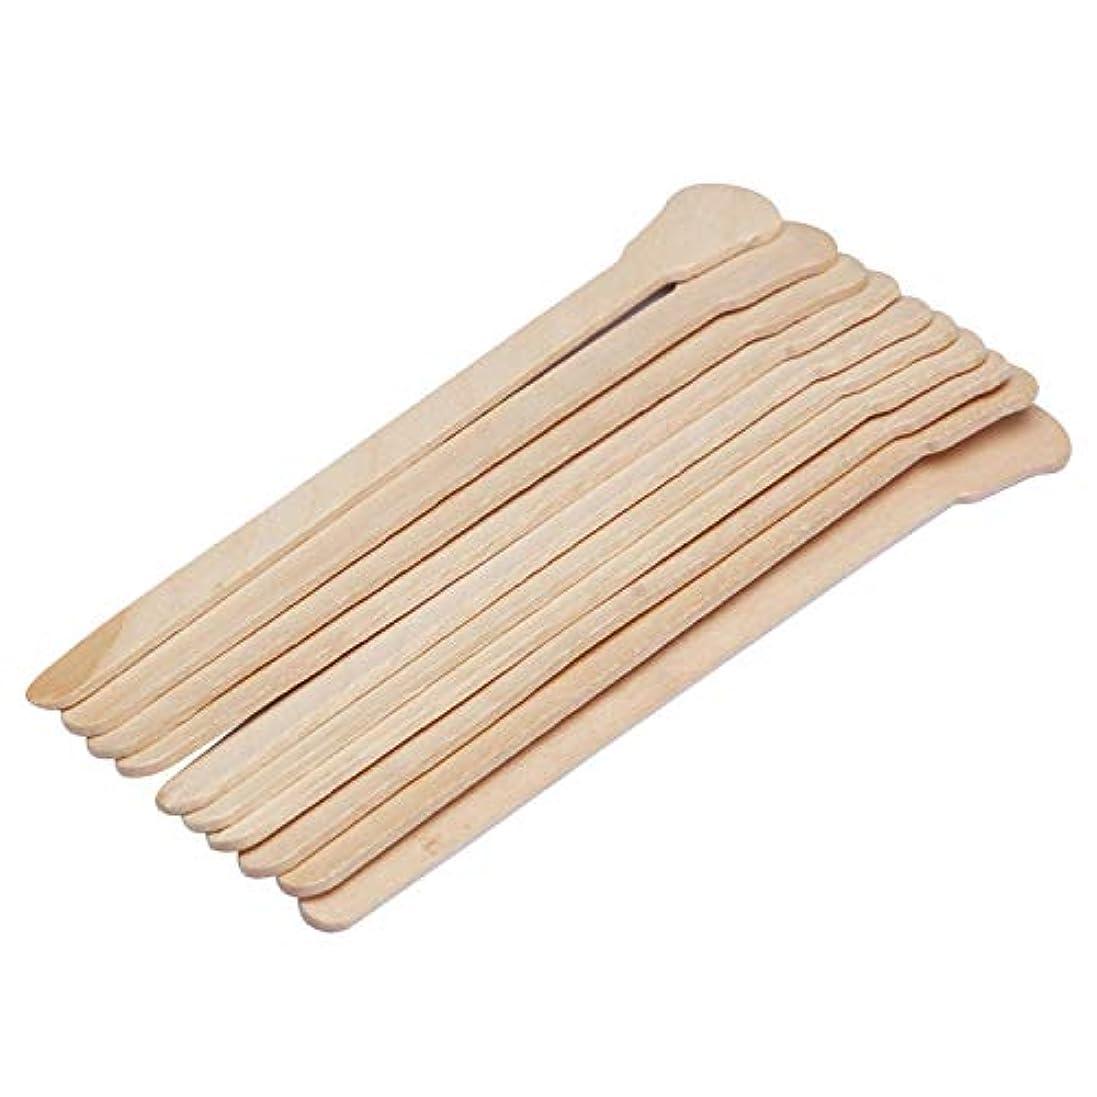 ファンブルゆでる自治的Migavann 50ピース12.5センチブラジリアンワックス 脱毛 木ヘラ ウッドスパチュラ ワックス脱毛木製ワックススティックワックスへら 使い捨て木製ワックスヘラ舌ワックスアプリケータ